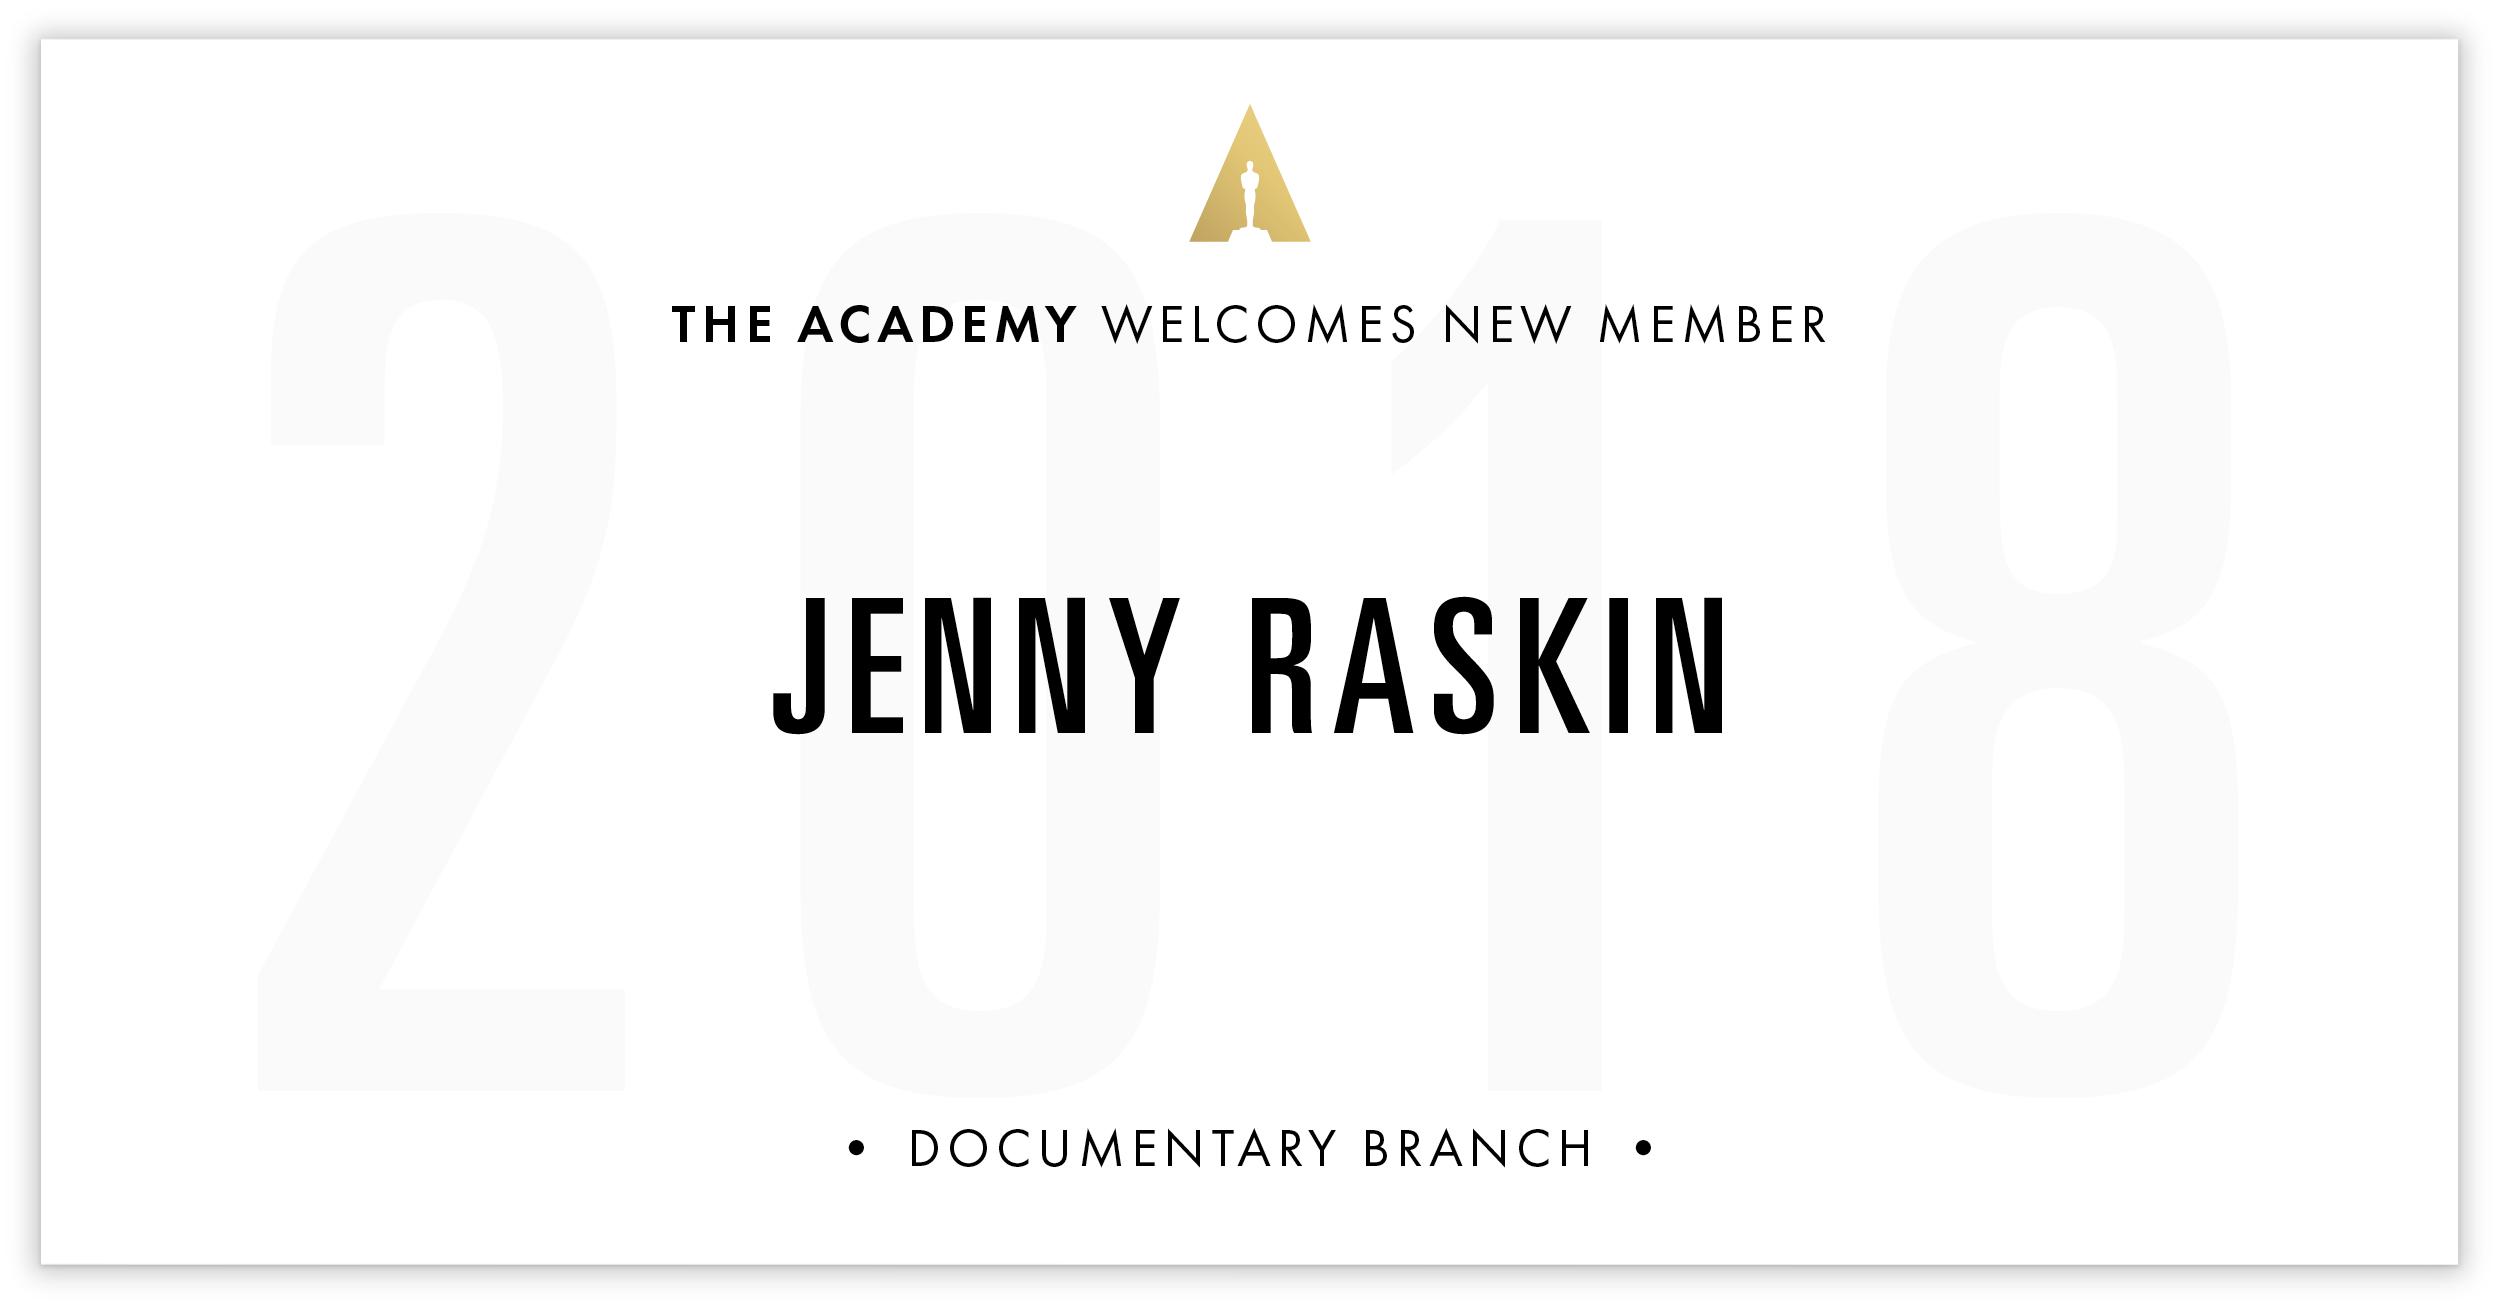 Jenny Raskin is invited!